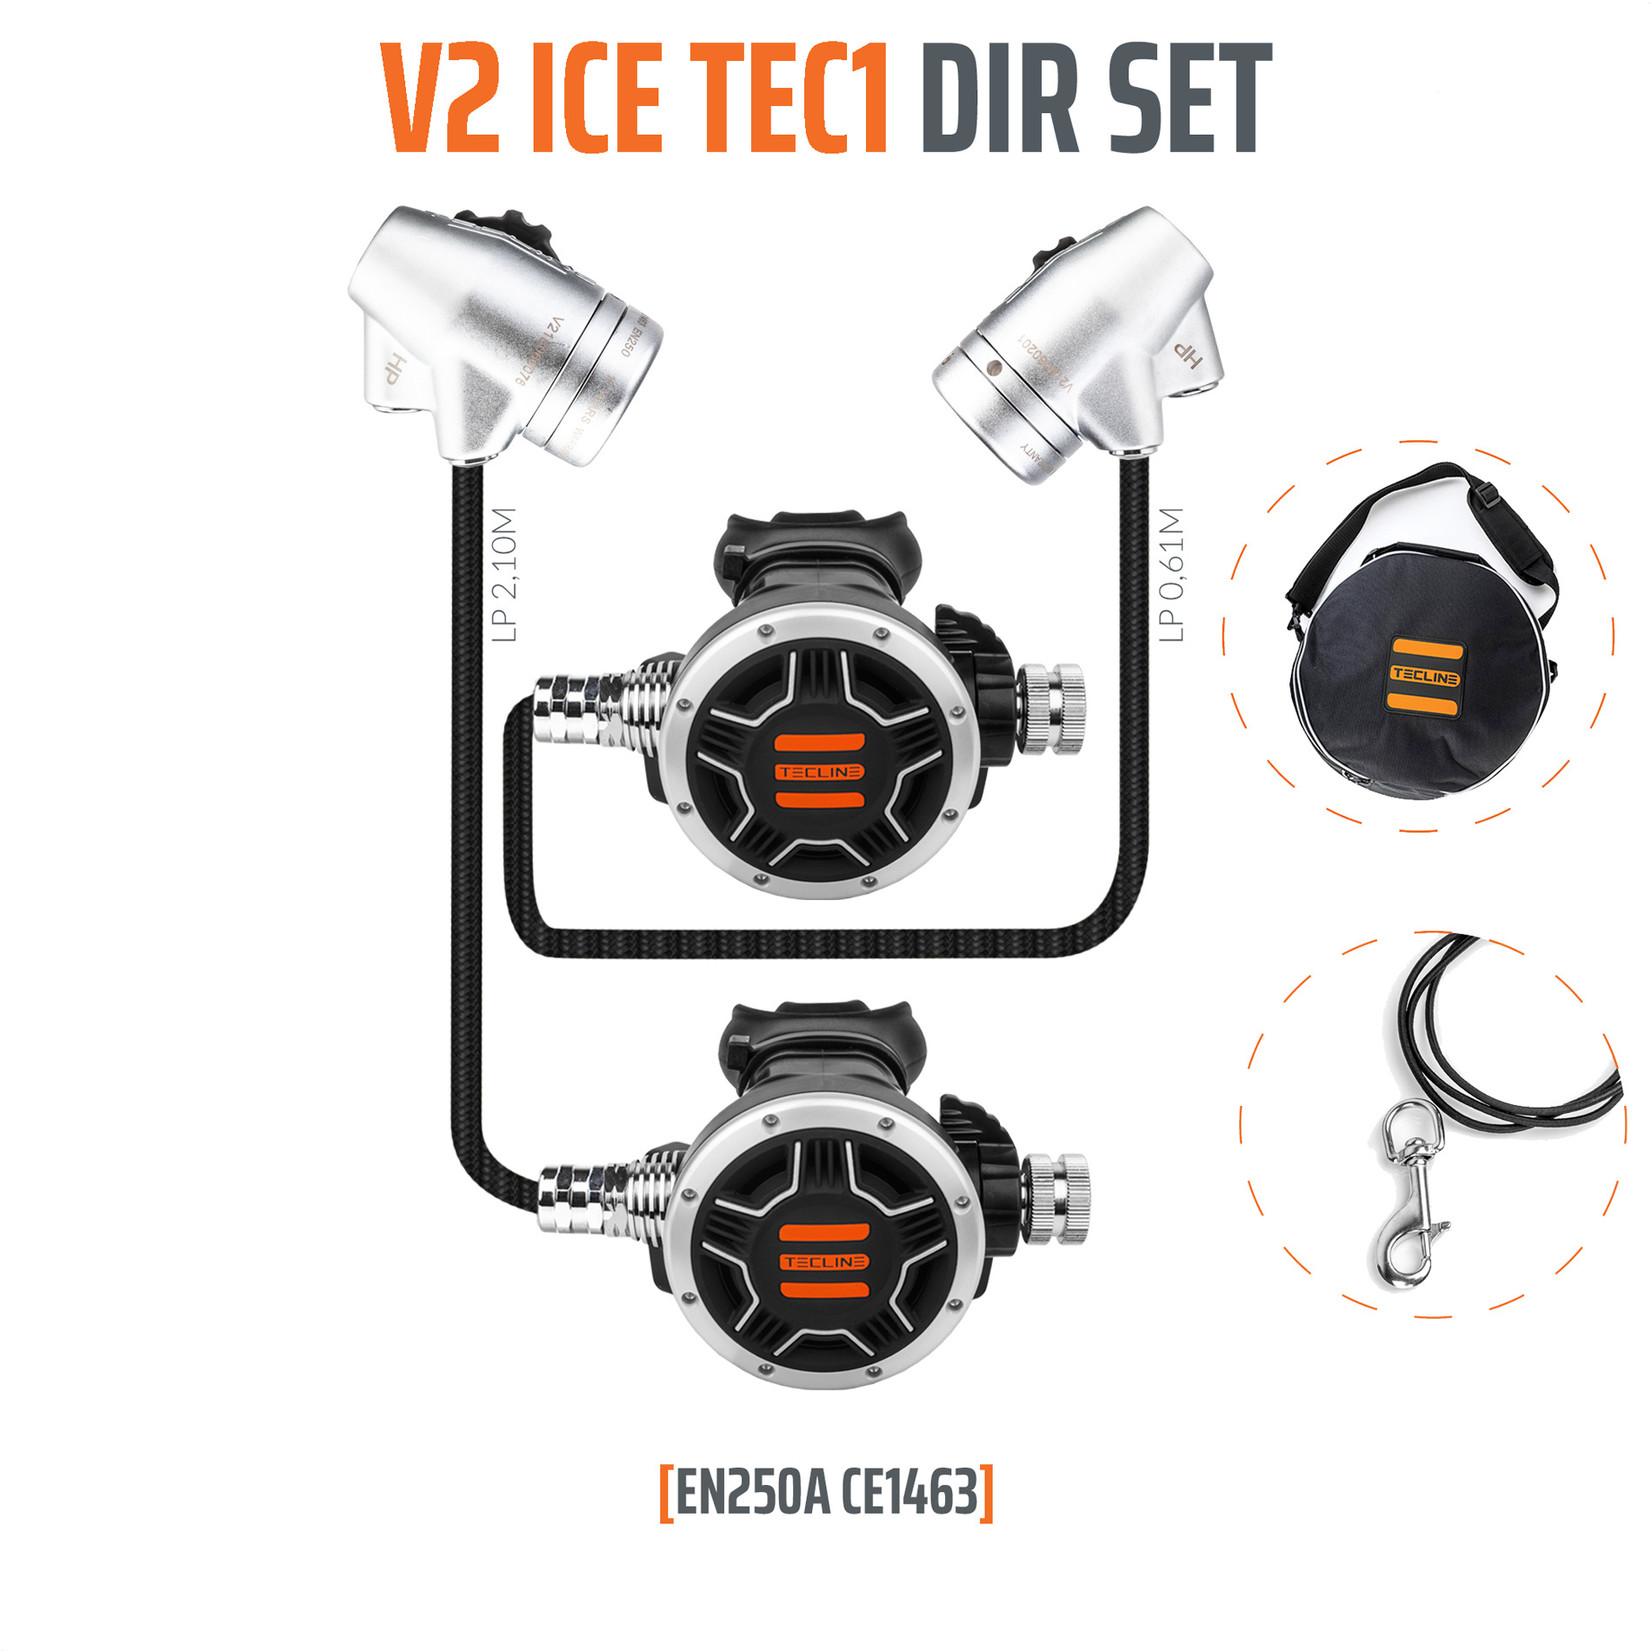 Tecline Regulator V2 ICE TEC2 DIR Set - EN250A